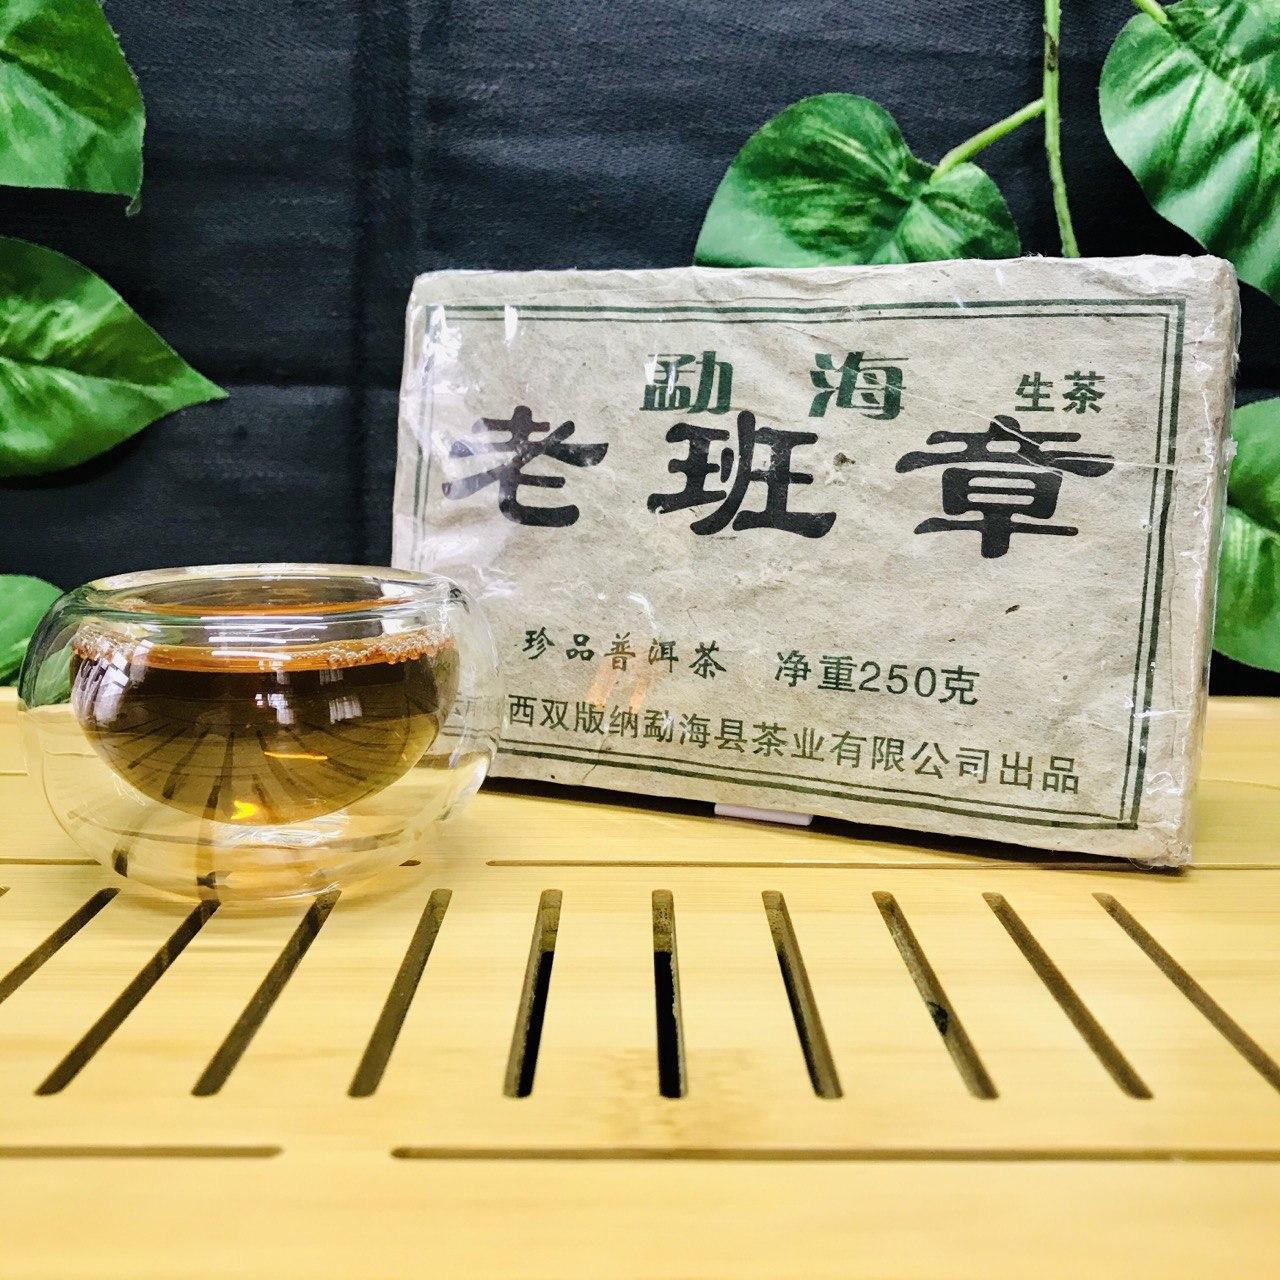 Китайский выдержанный чай «Сила Духа», прессованный 250 г Шен пуэр по супер цене!